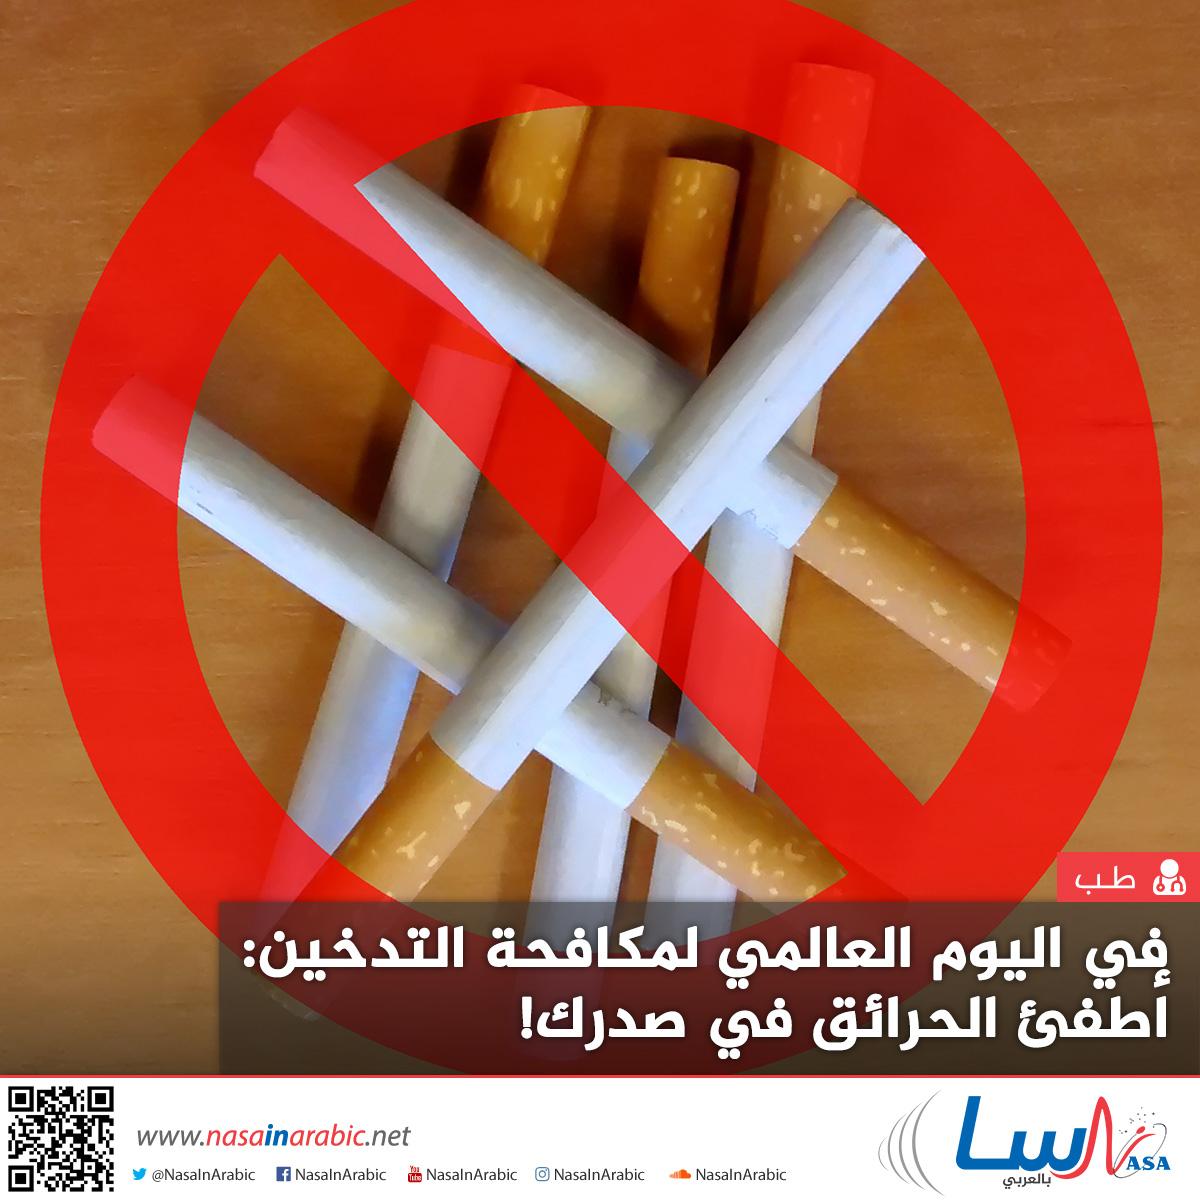 في اليوم العالمي لمُكافحة التدخين: أطفىء الحرائِق في صدرك!